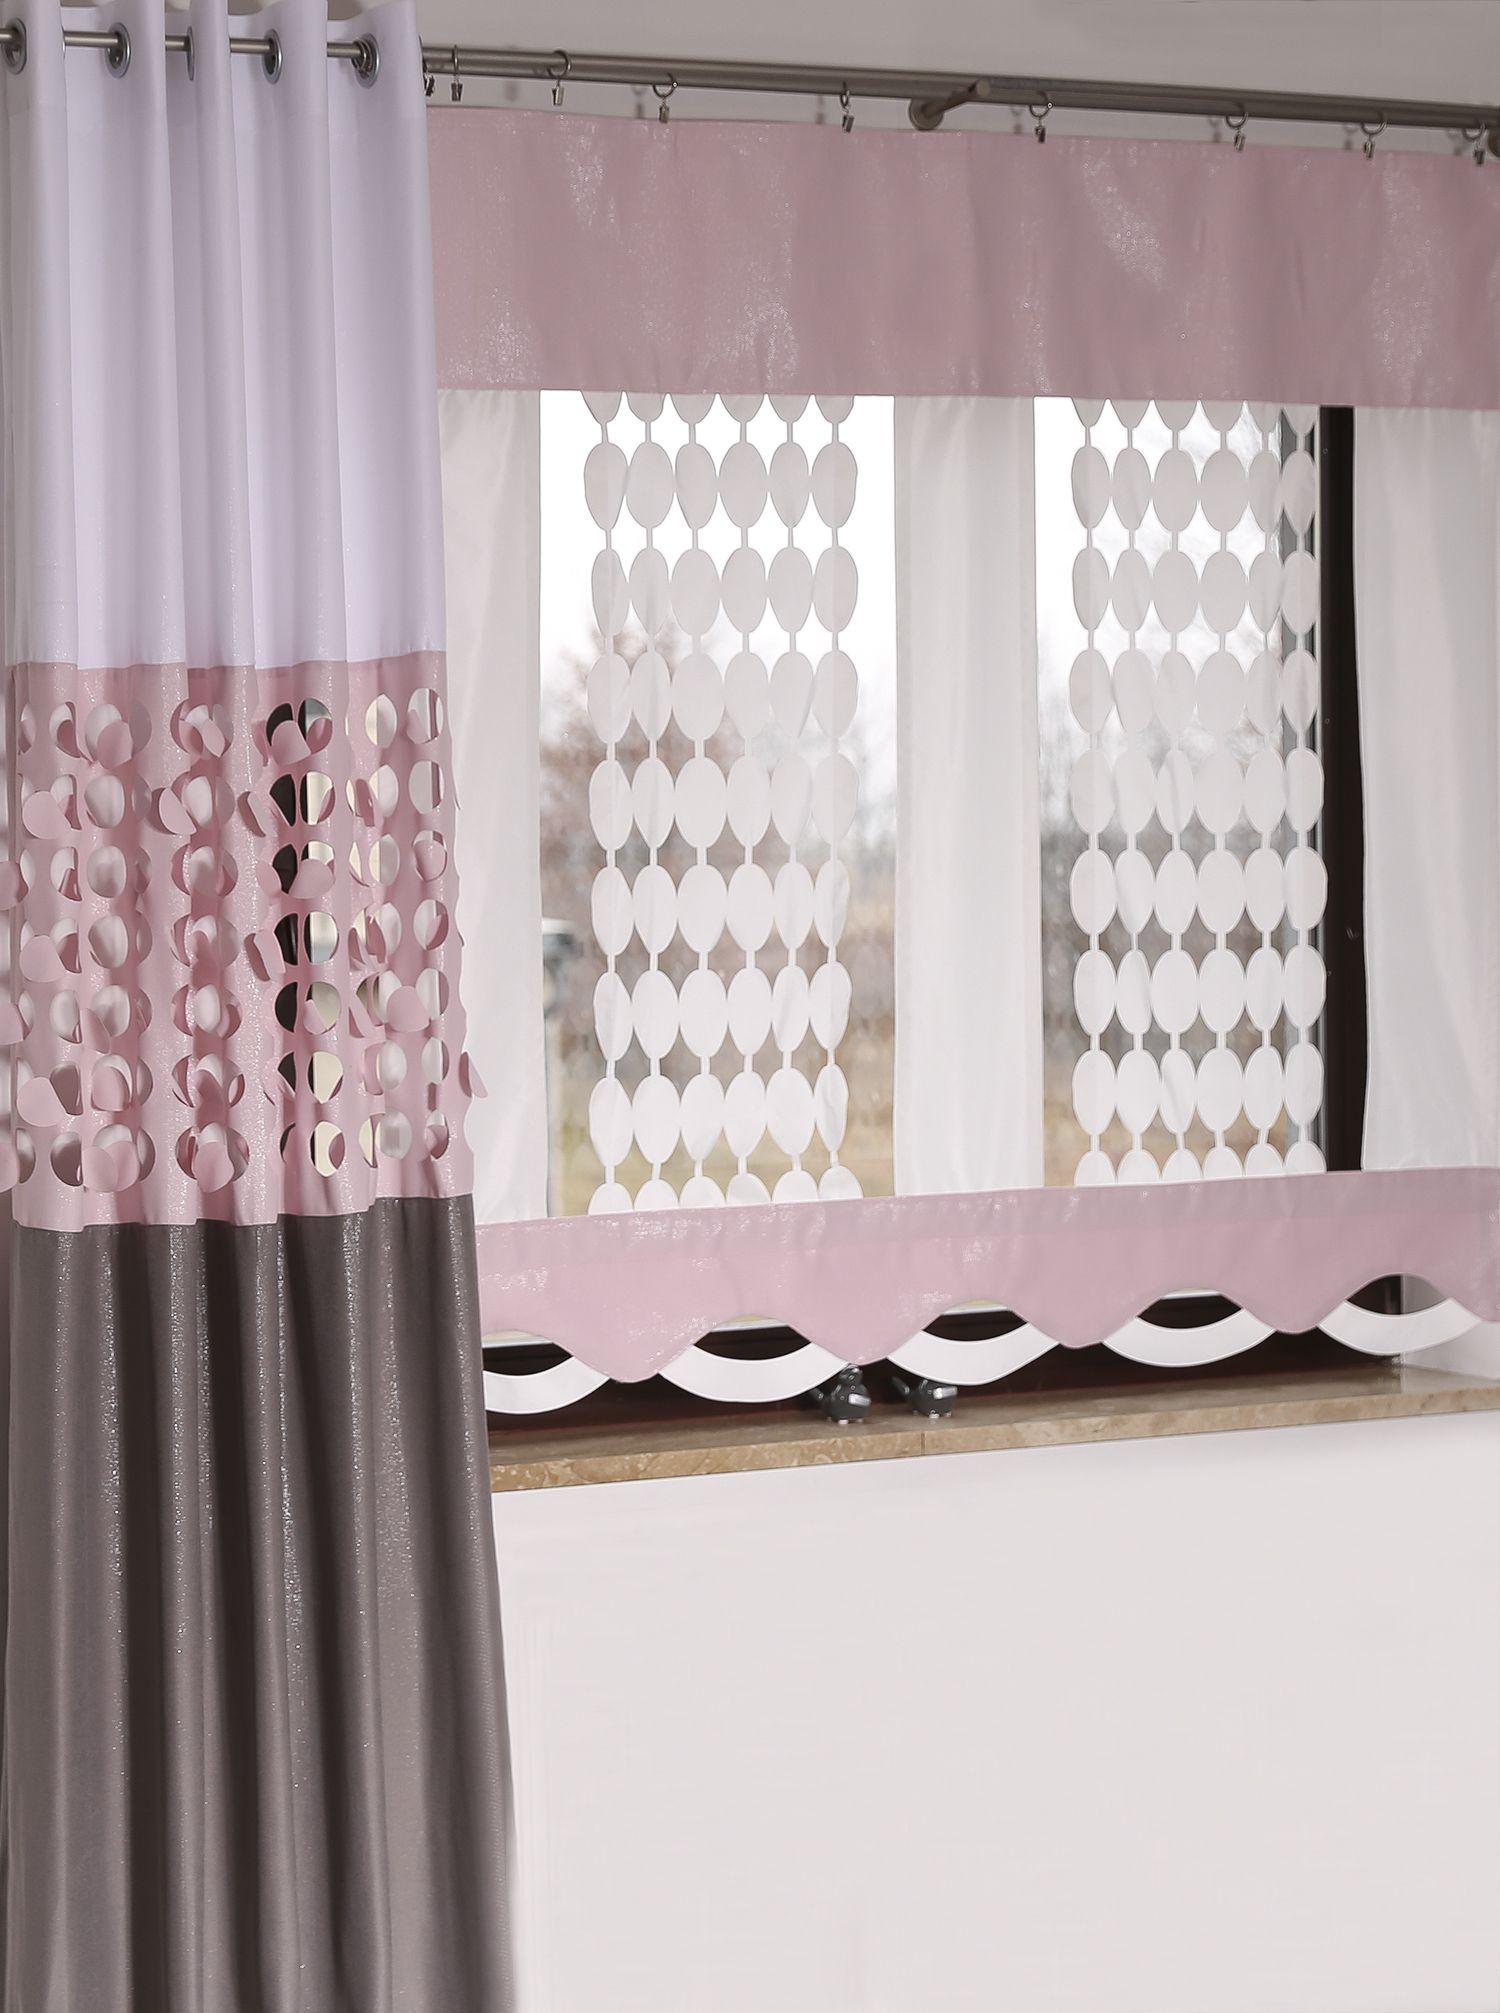 Pin By Firany Adamski On Wnętrza W Różu In 2019 Home Decor